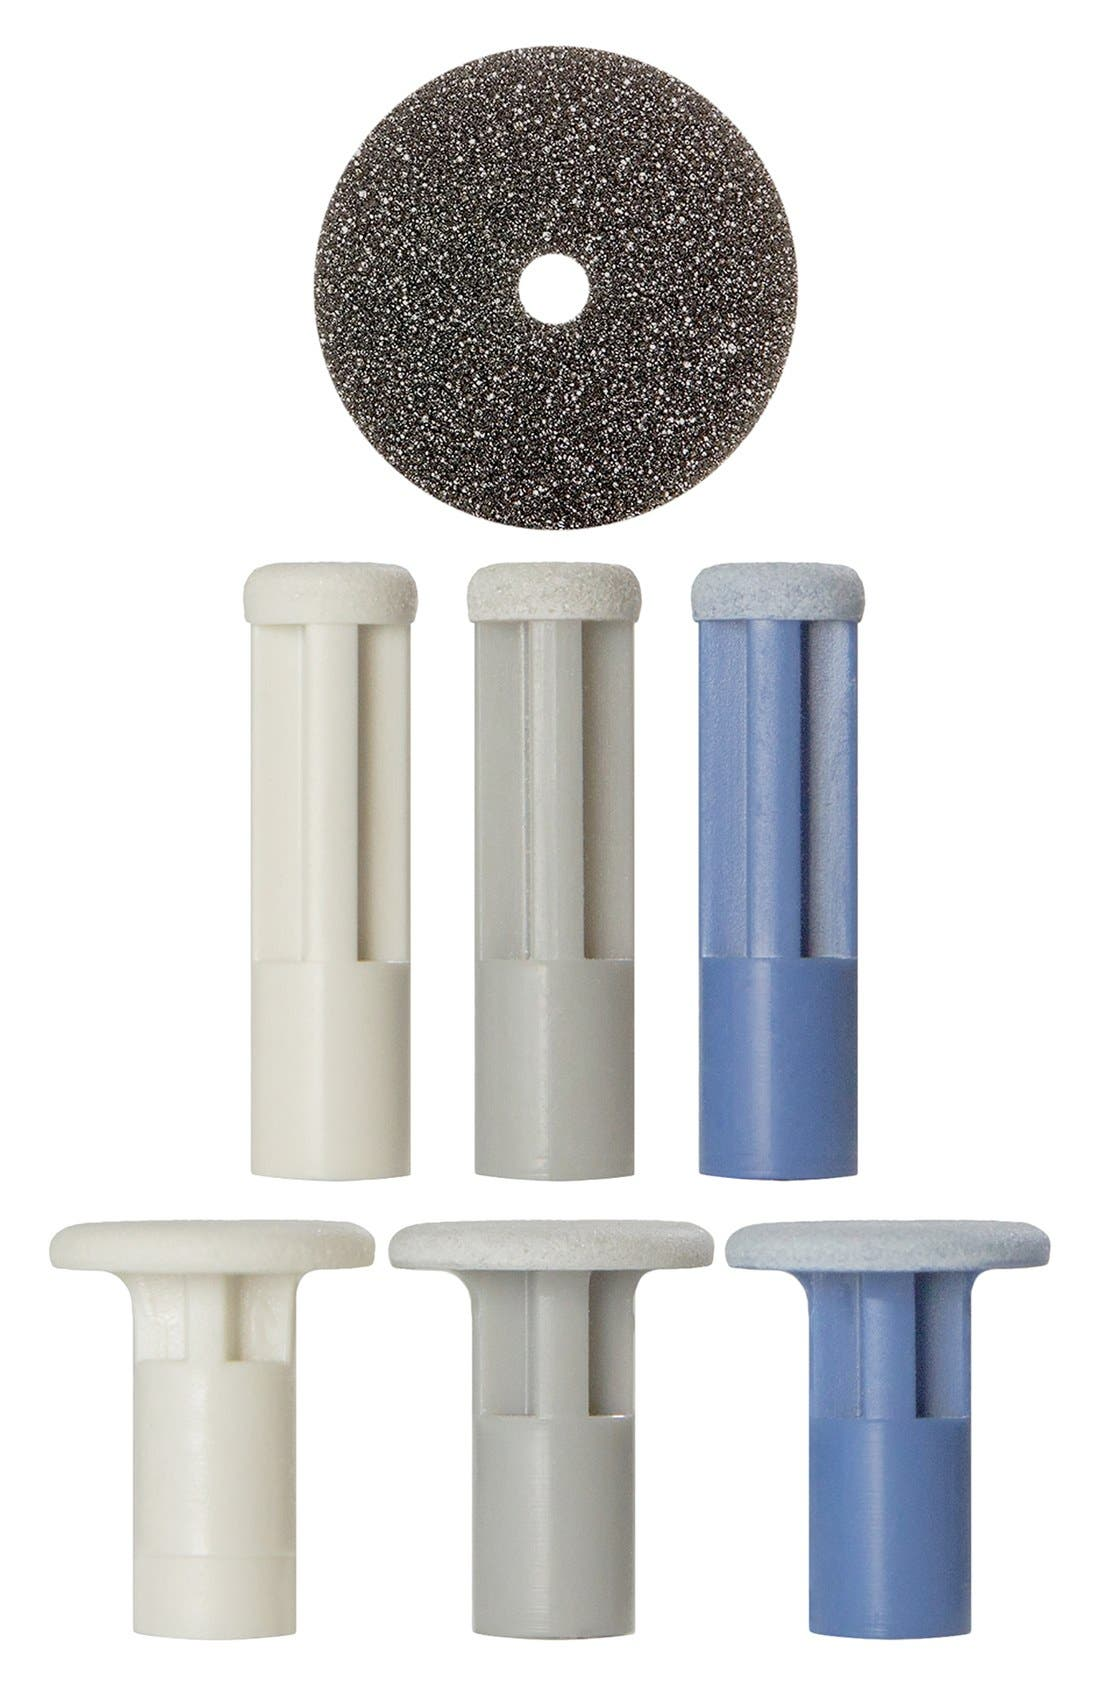 PMD Sensitive Kit Replacement Discs, Main, color, NO COLOR